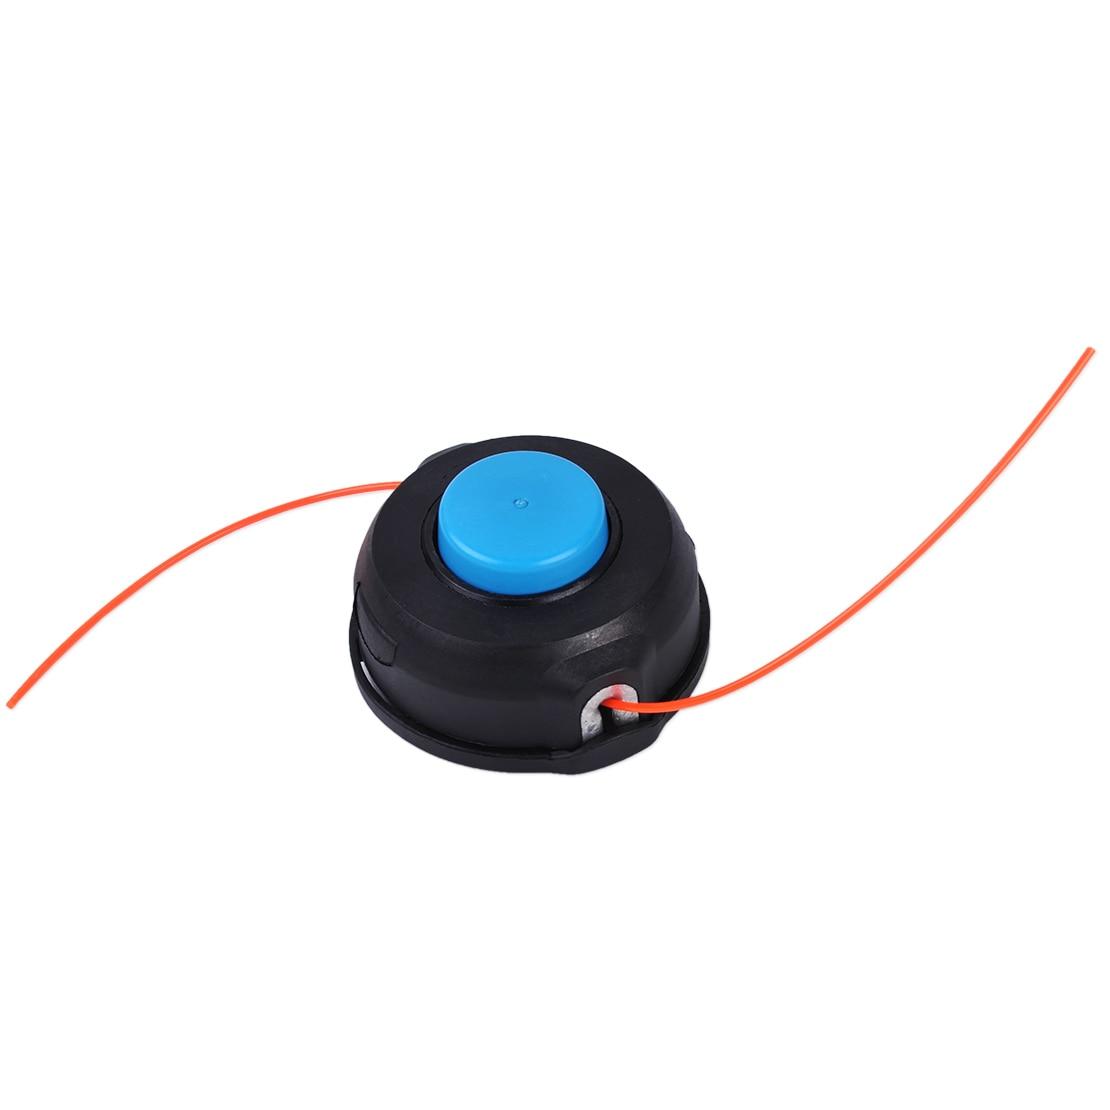 LETAOSK T25 Weed String Trimmer Head Fit for Husqvarna 125L 128L 537338306 966674401